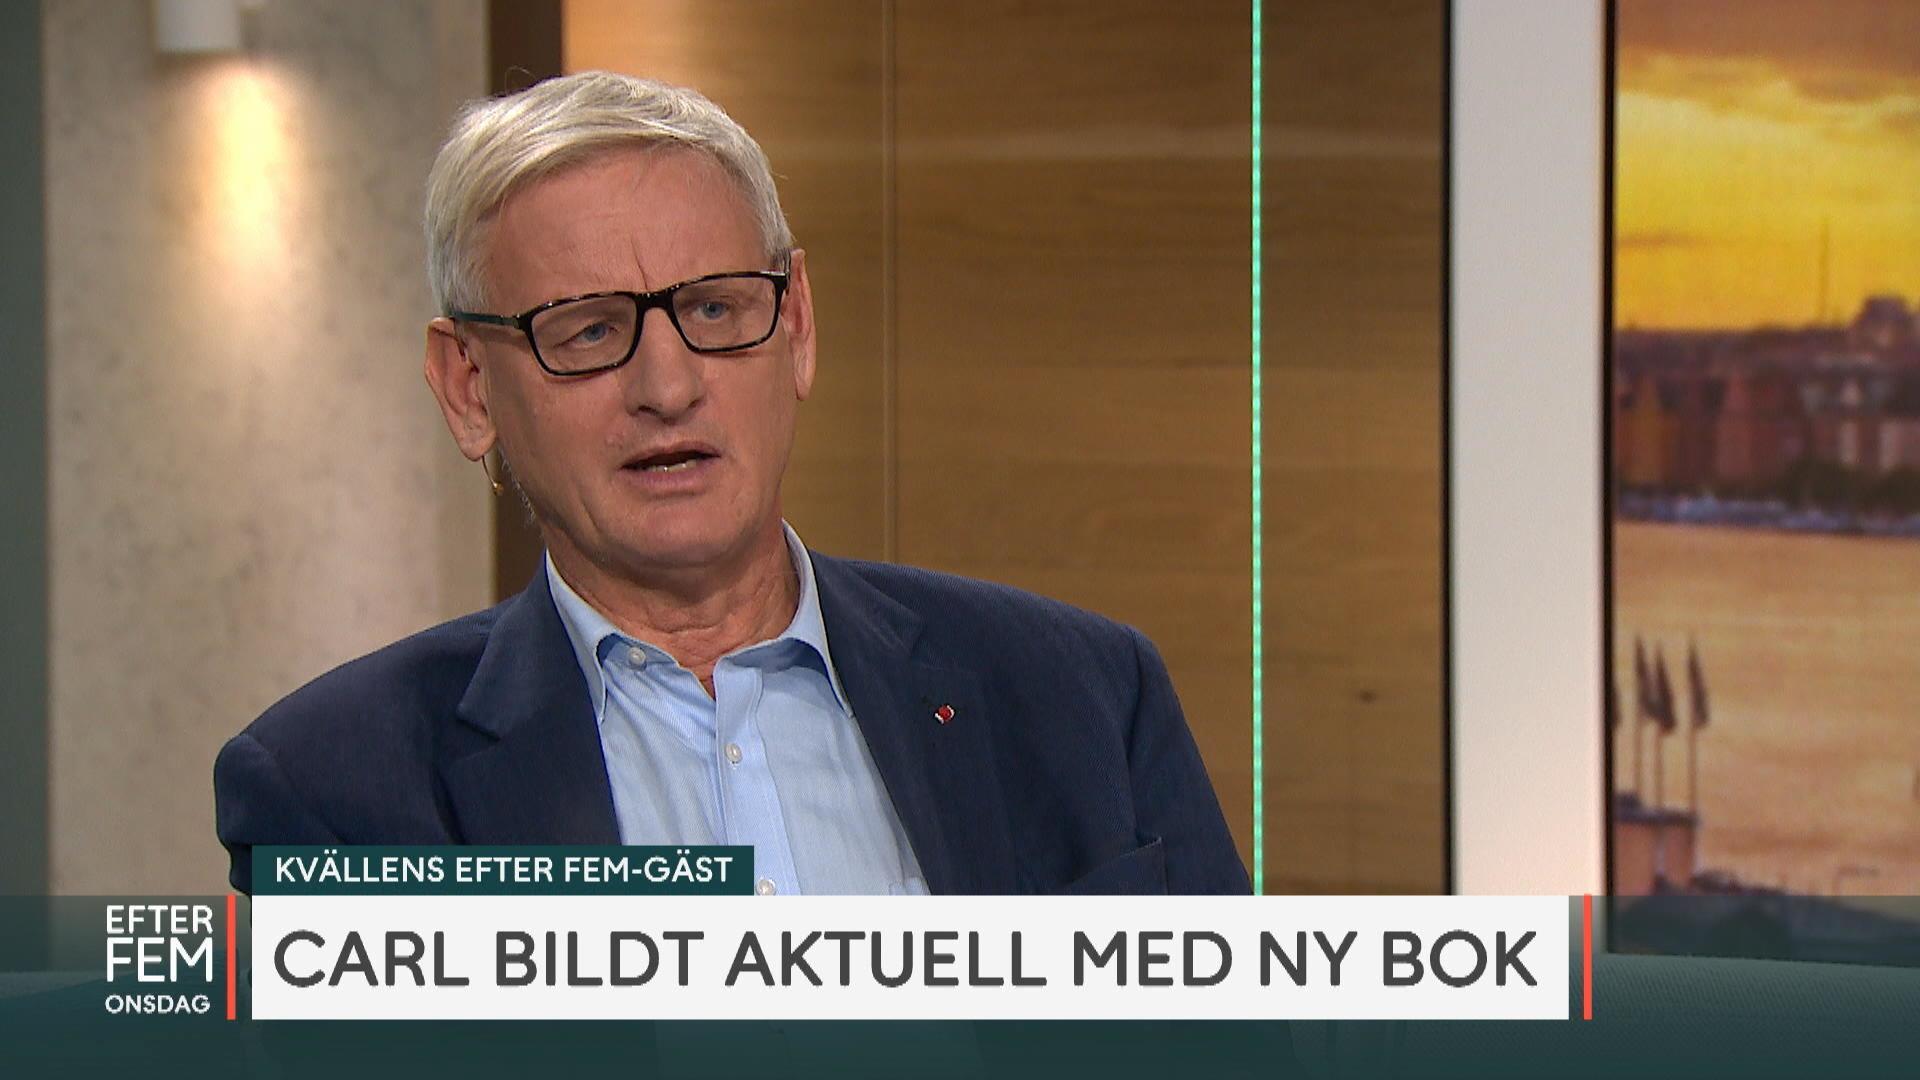 """Carl Bildt om oron över vår samtid: """"Brutalisering av offentliga samtalet  är väldigt illa"""" - tv4.se"""